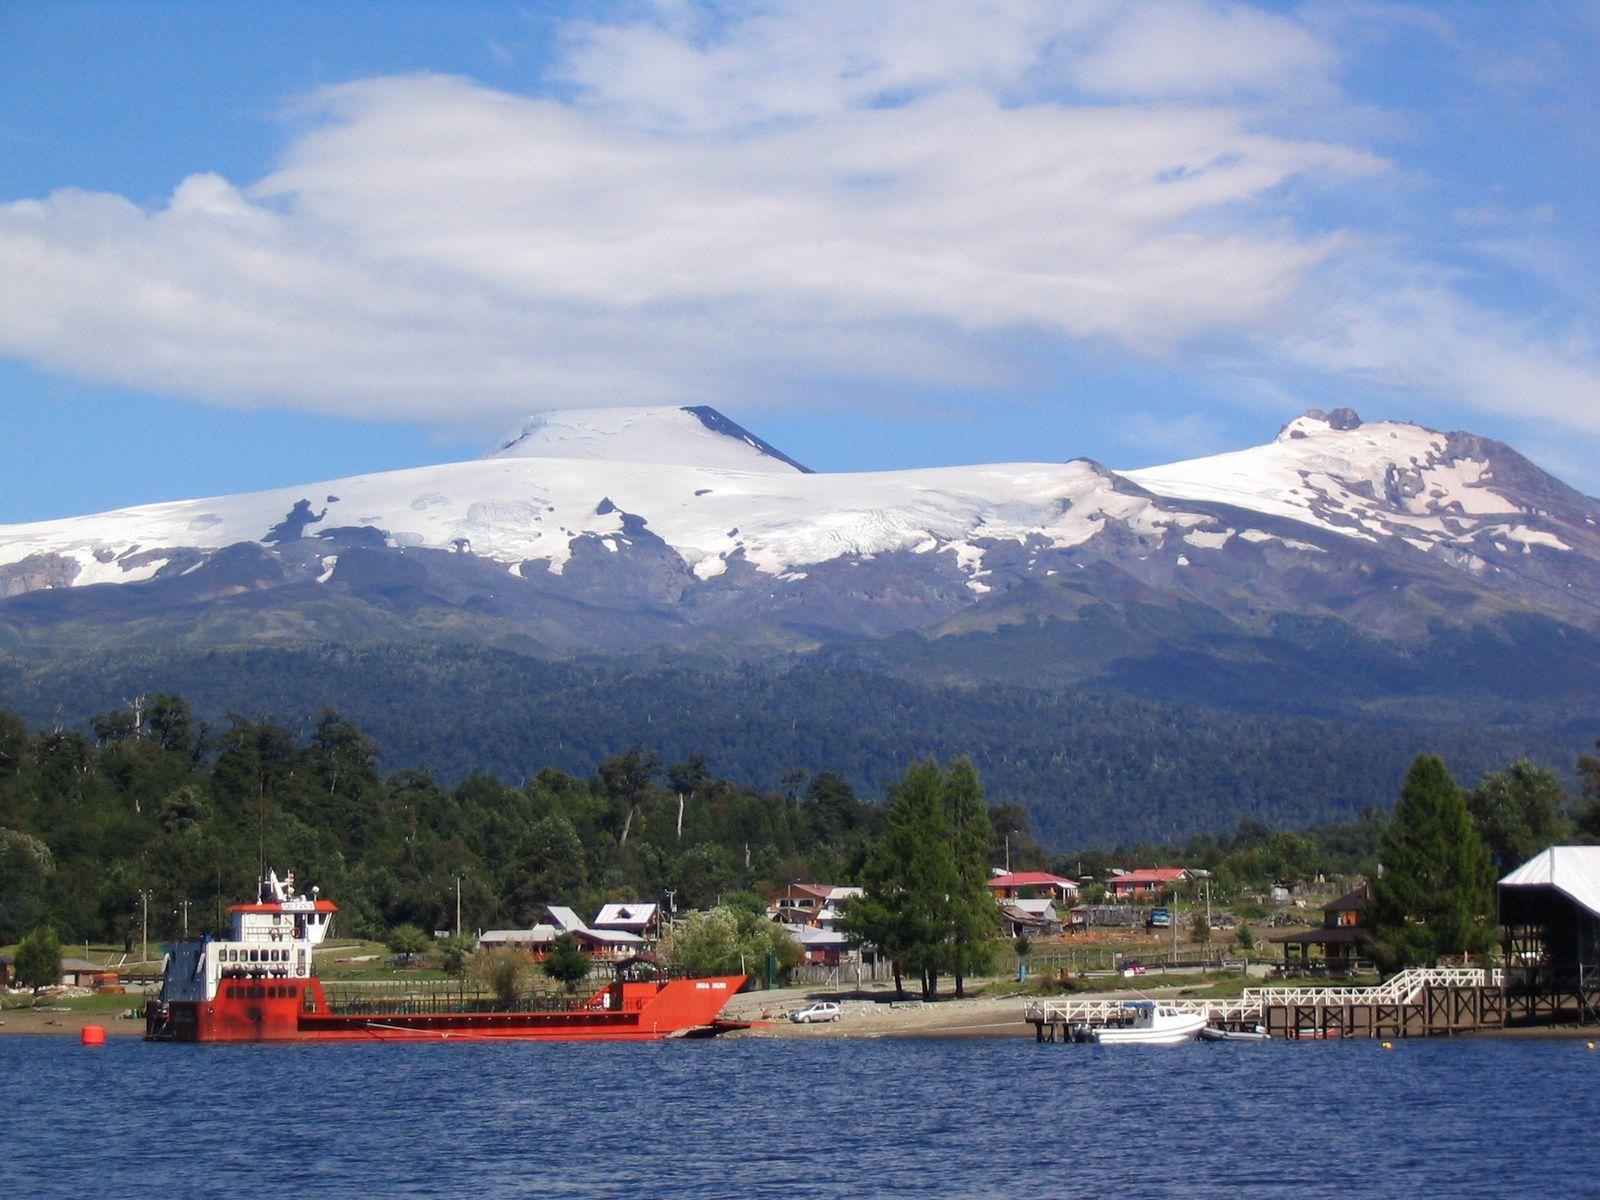 Mocho-Choshuenco complexe  - Volcán Mocho(à gauche), le Choshuenco (à droite) Puerto Fui et le Lago Pirihueico (en avant-plan). -  photo Avodrocc